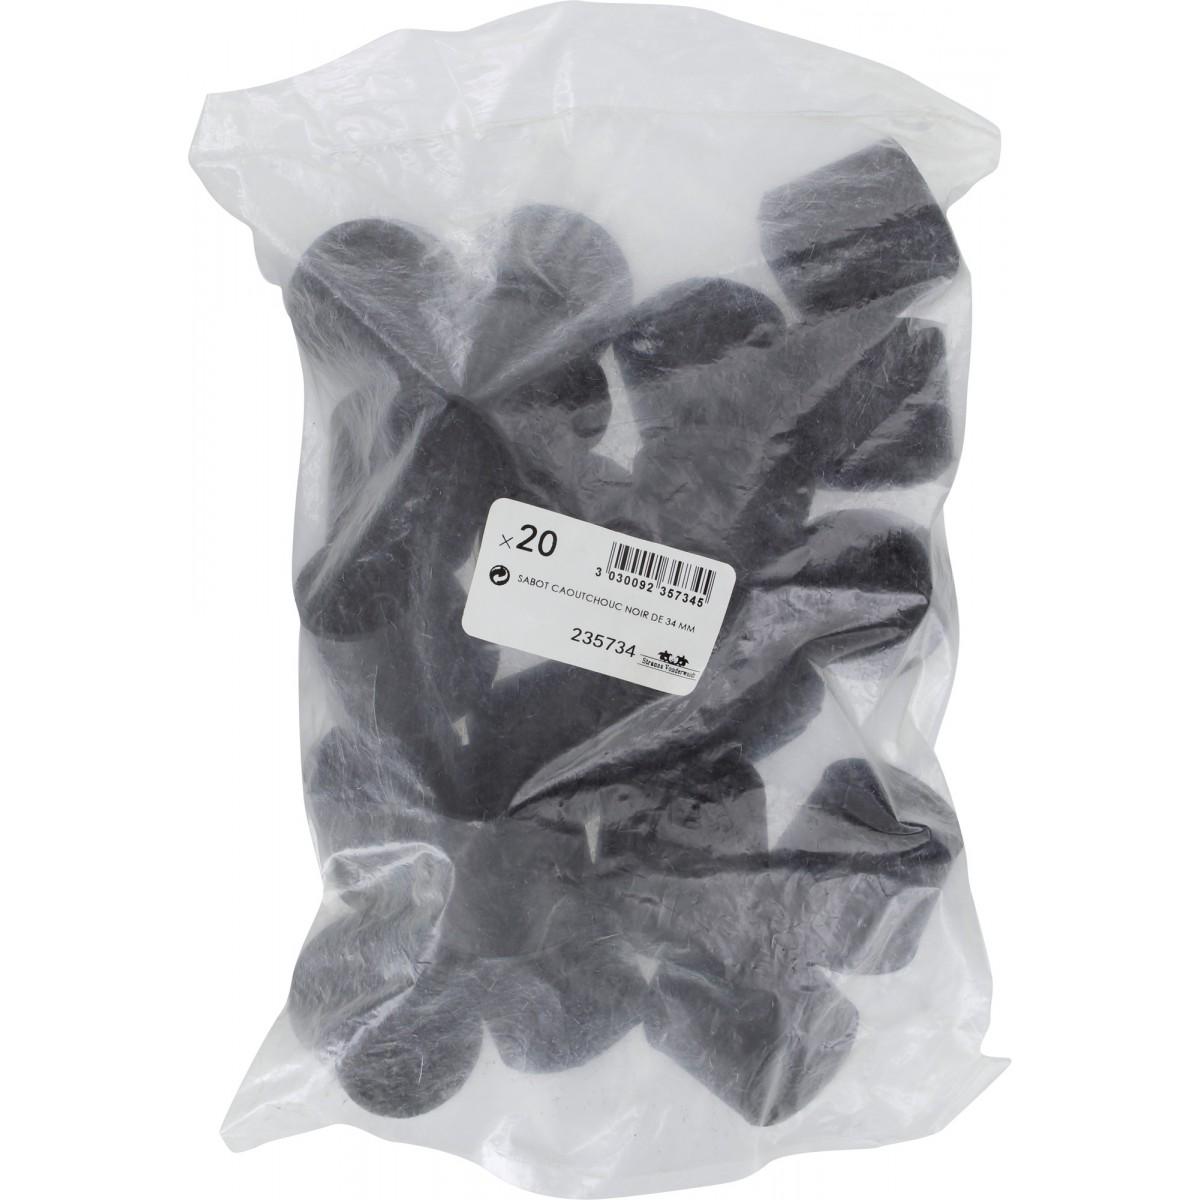 Embout enveloppant caoutchouc noir Shepherd - Diamètre 34 mm - Vendu par 20